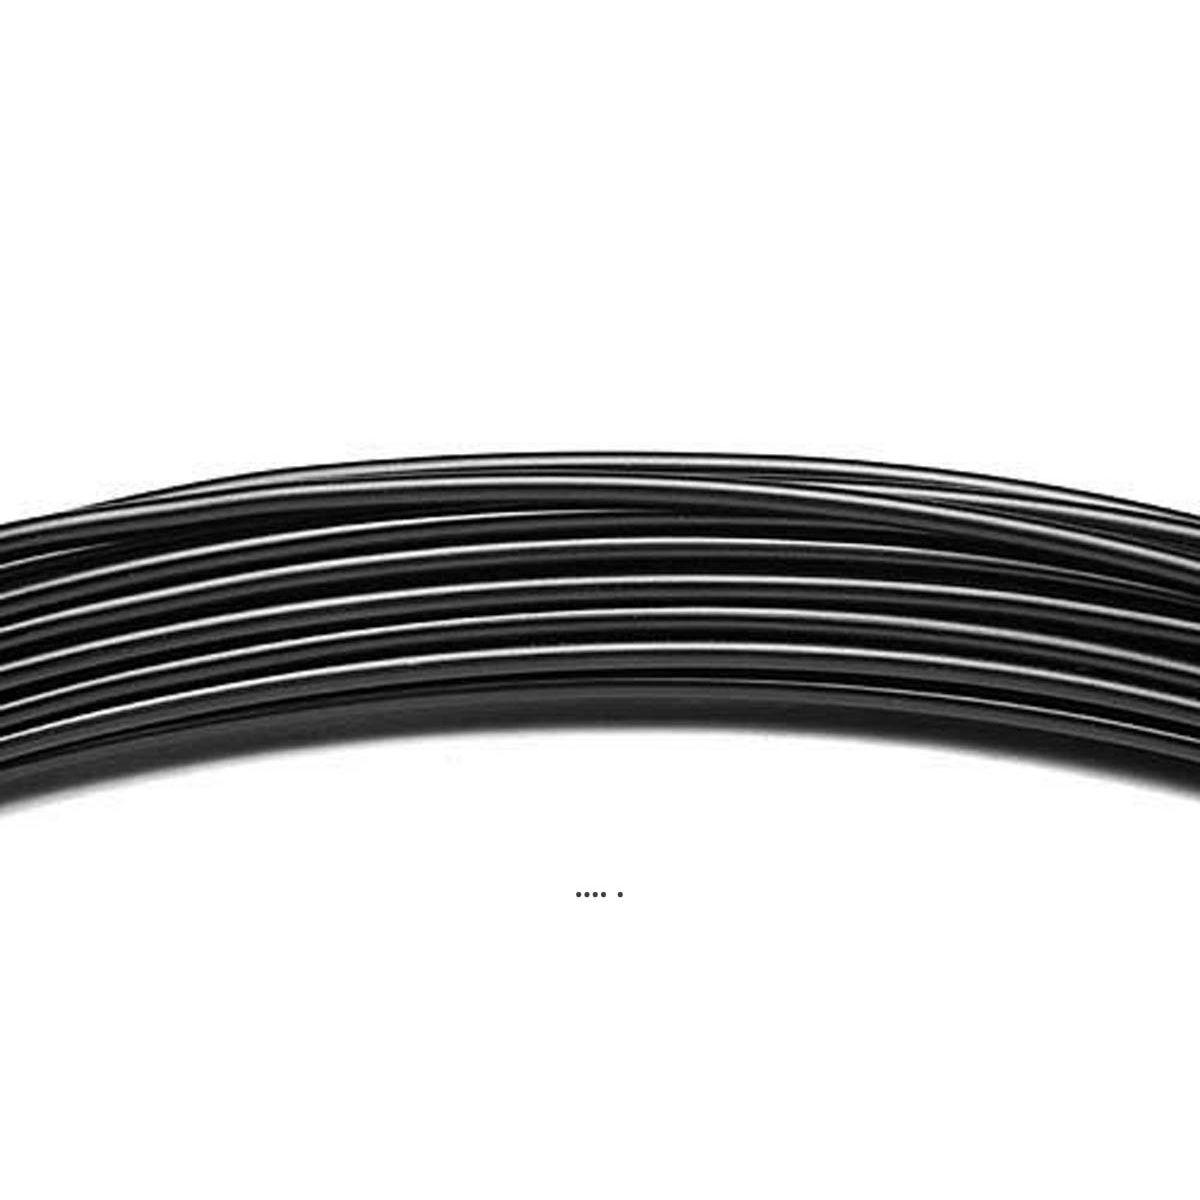 Fil aluminium Noir souple D 2 mm L 12 metres decoration - choisissez votre coloris: Noir